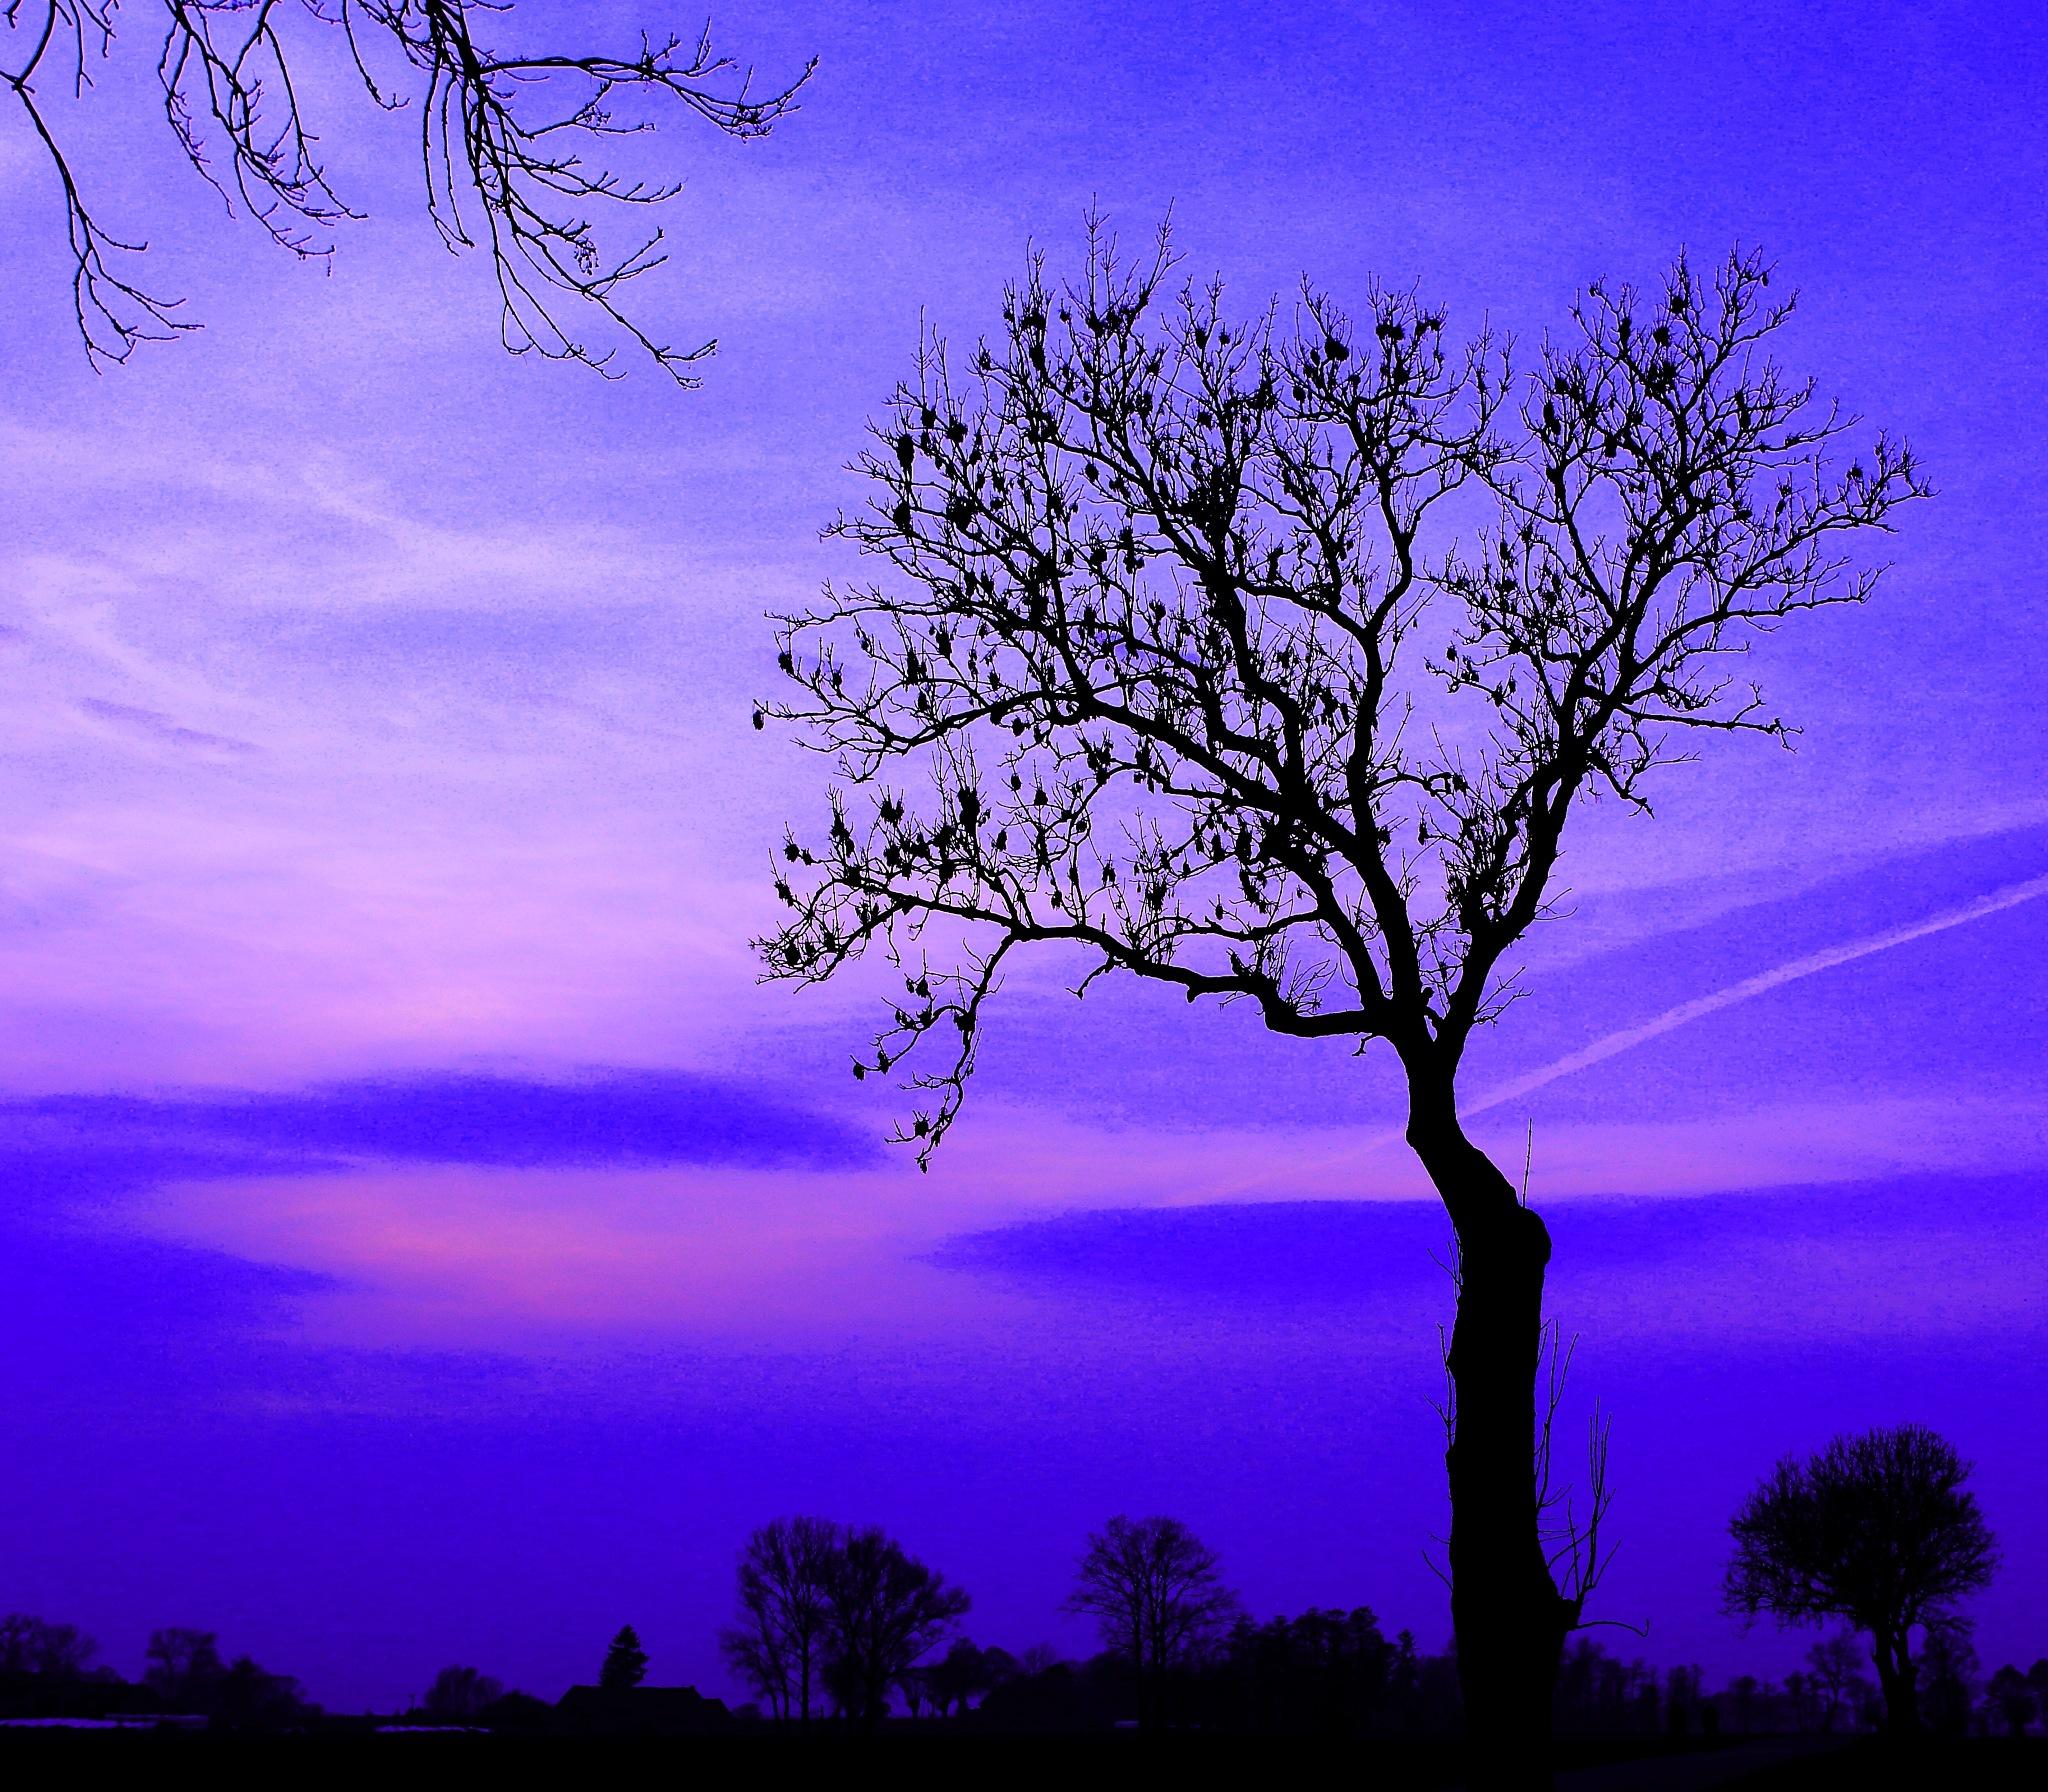 purple sky by JAKOKTO PAUKAS